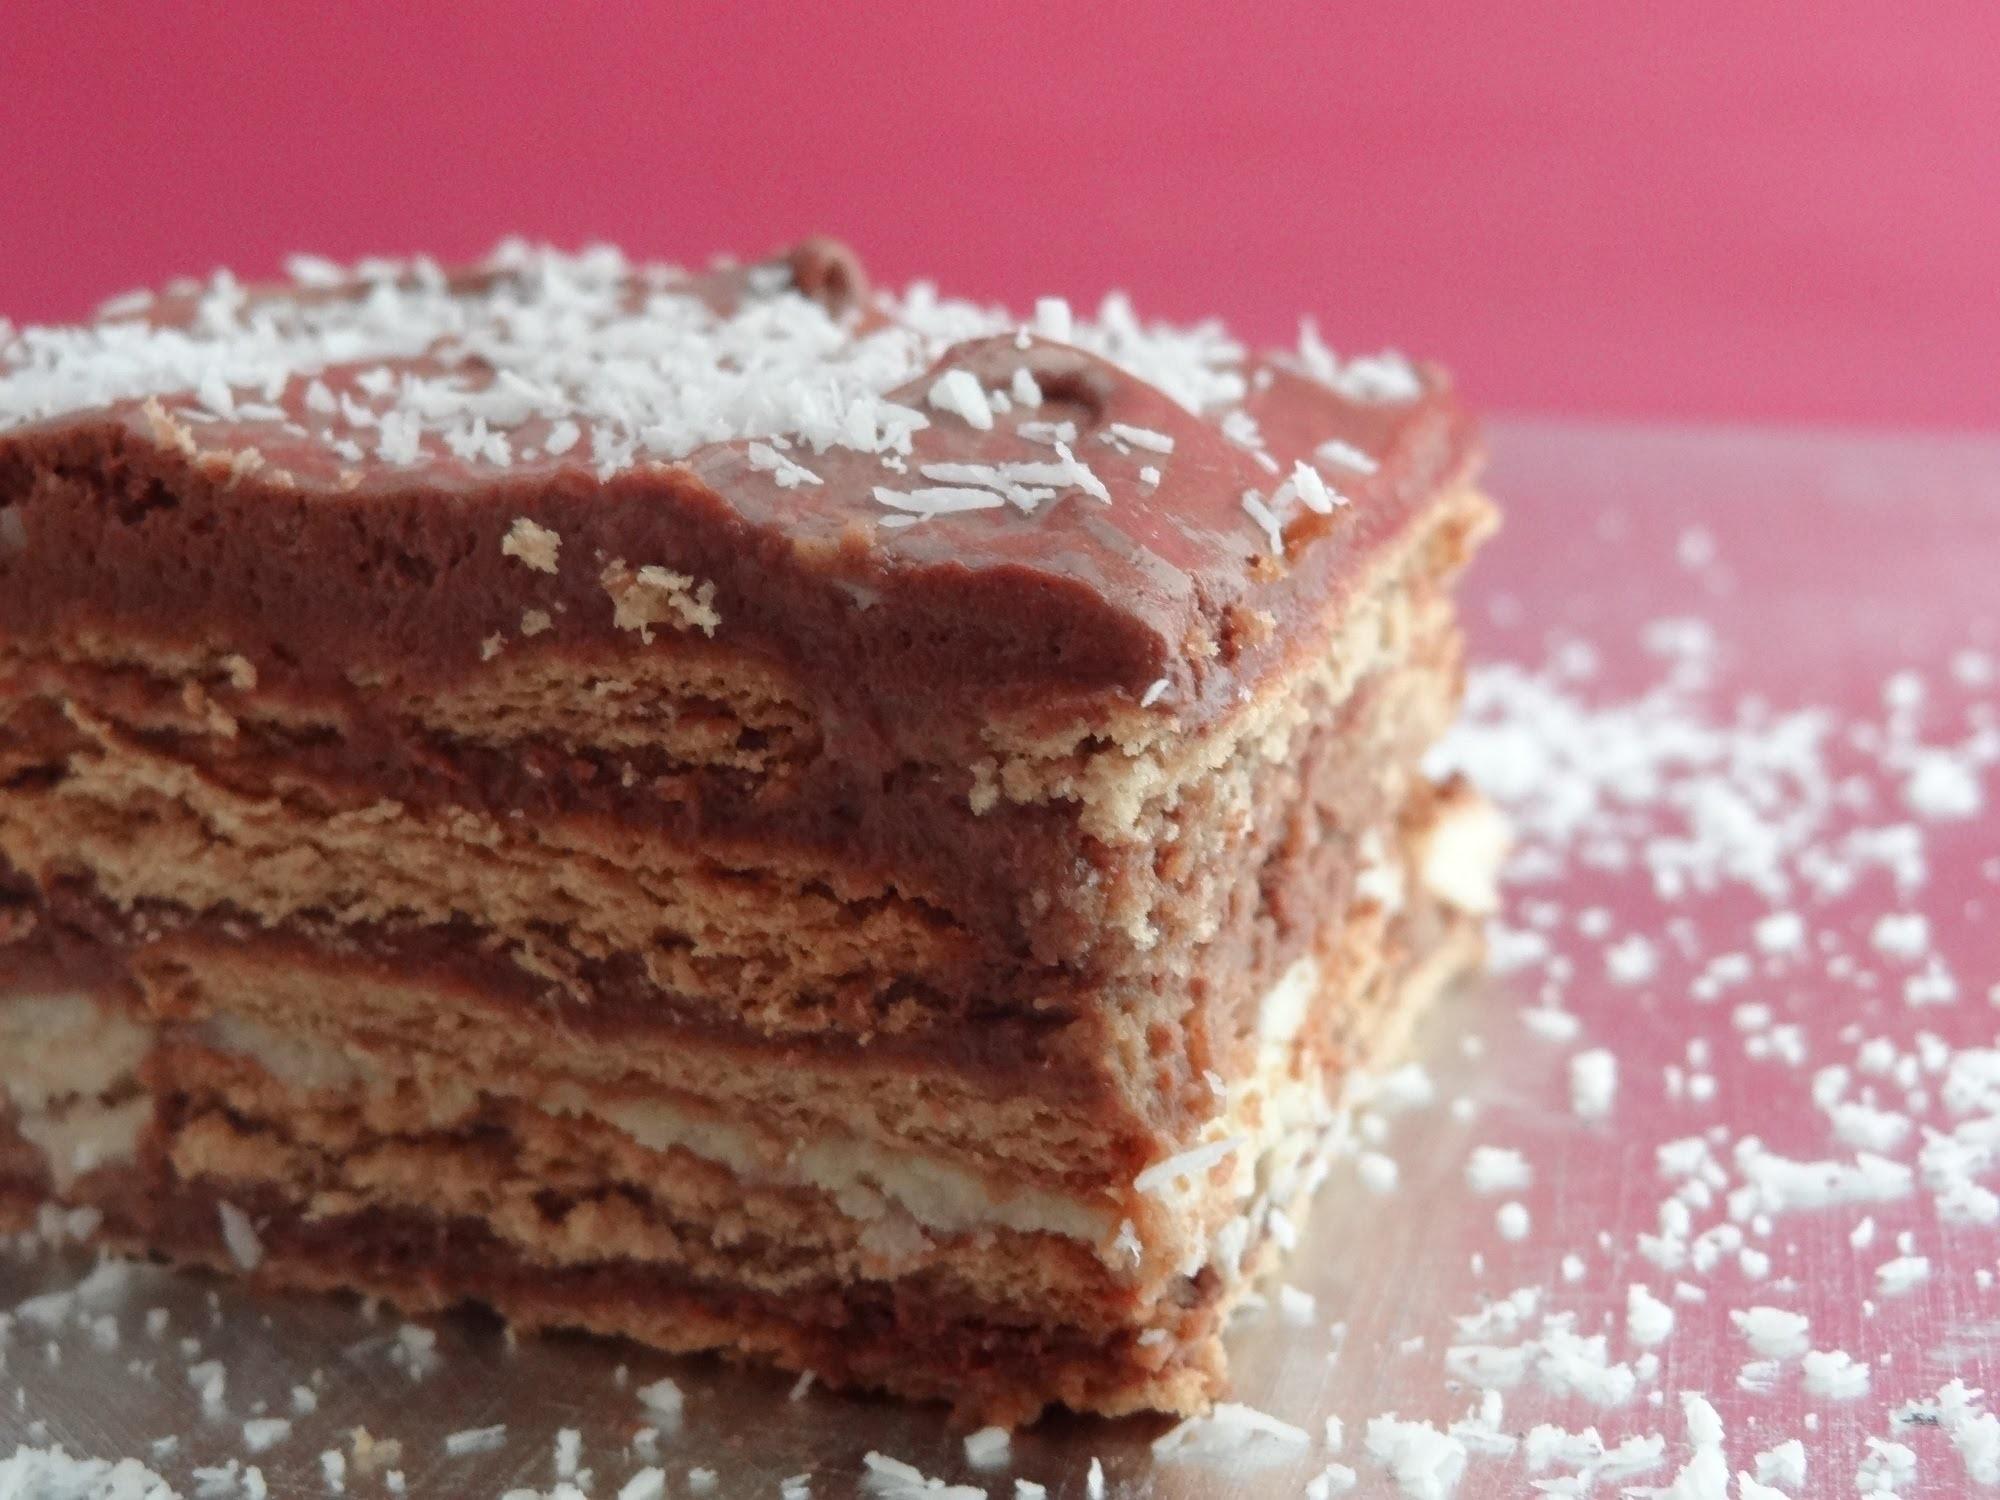 Tarta de galletas con chocolate. Tarta de la abuela -- Ideal para cumpleaños infantiles